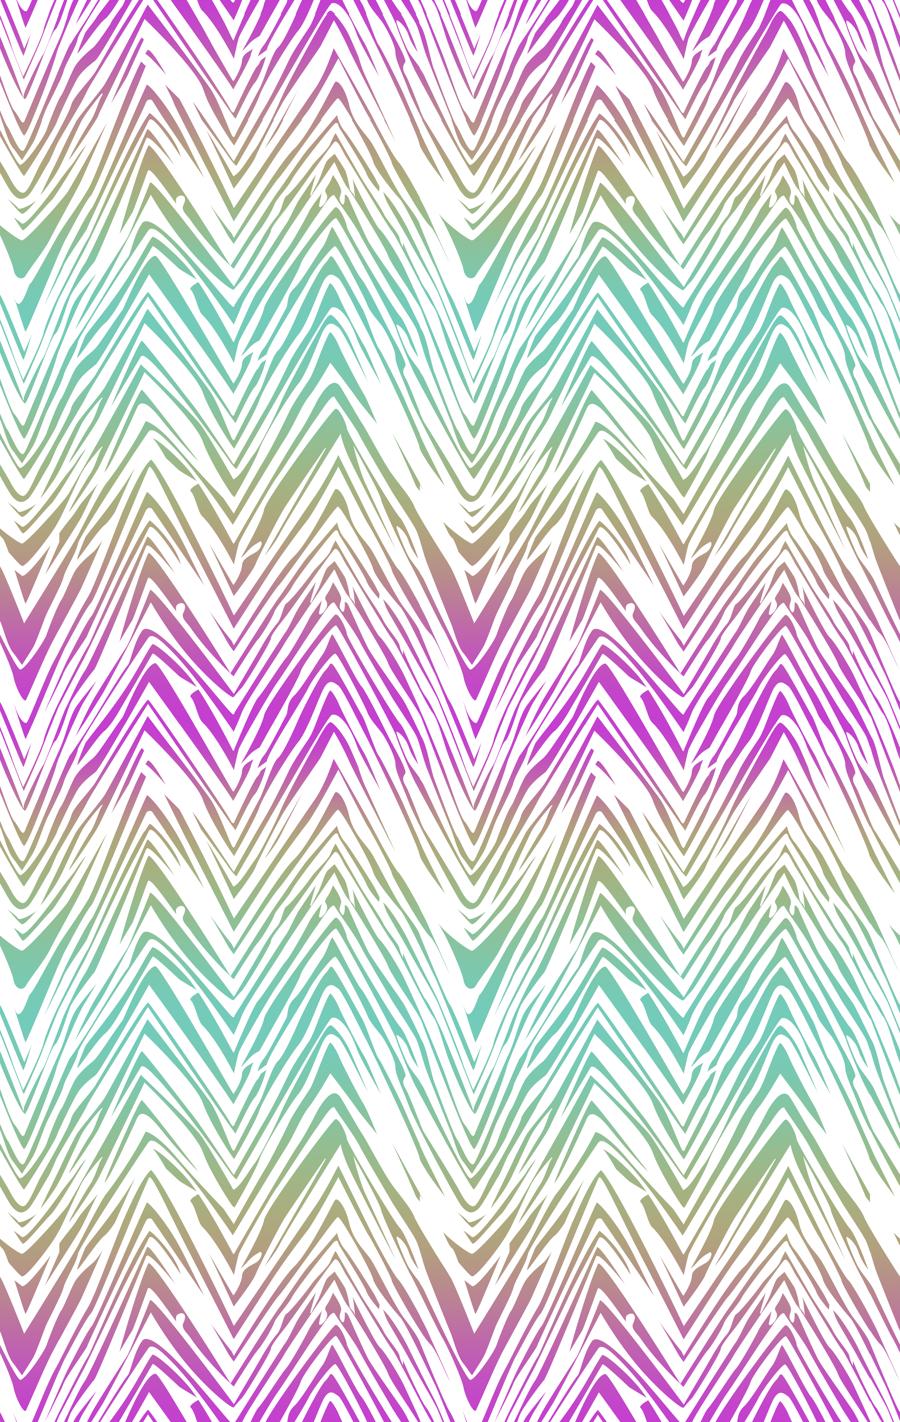 RECYCLED - Lycra de Poliester Reciclado de 190 gr/m2 - Zig zag multicolor